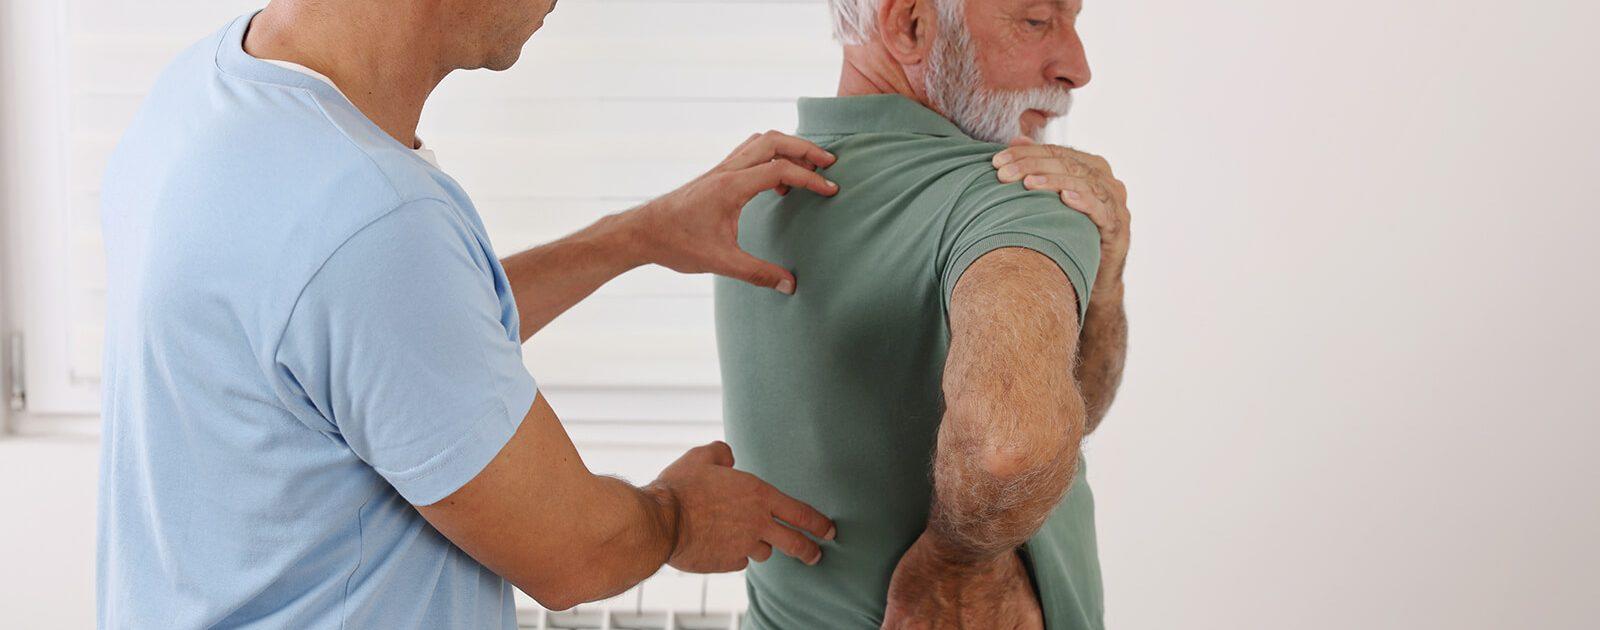 Ein Orthopäde untersucht den Rücken seines Patienten, er vermutet eine Osteochondrose als Ursache der Beschwerden.